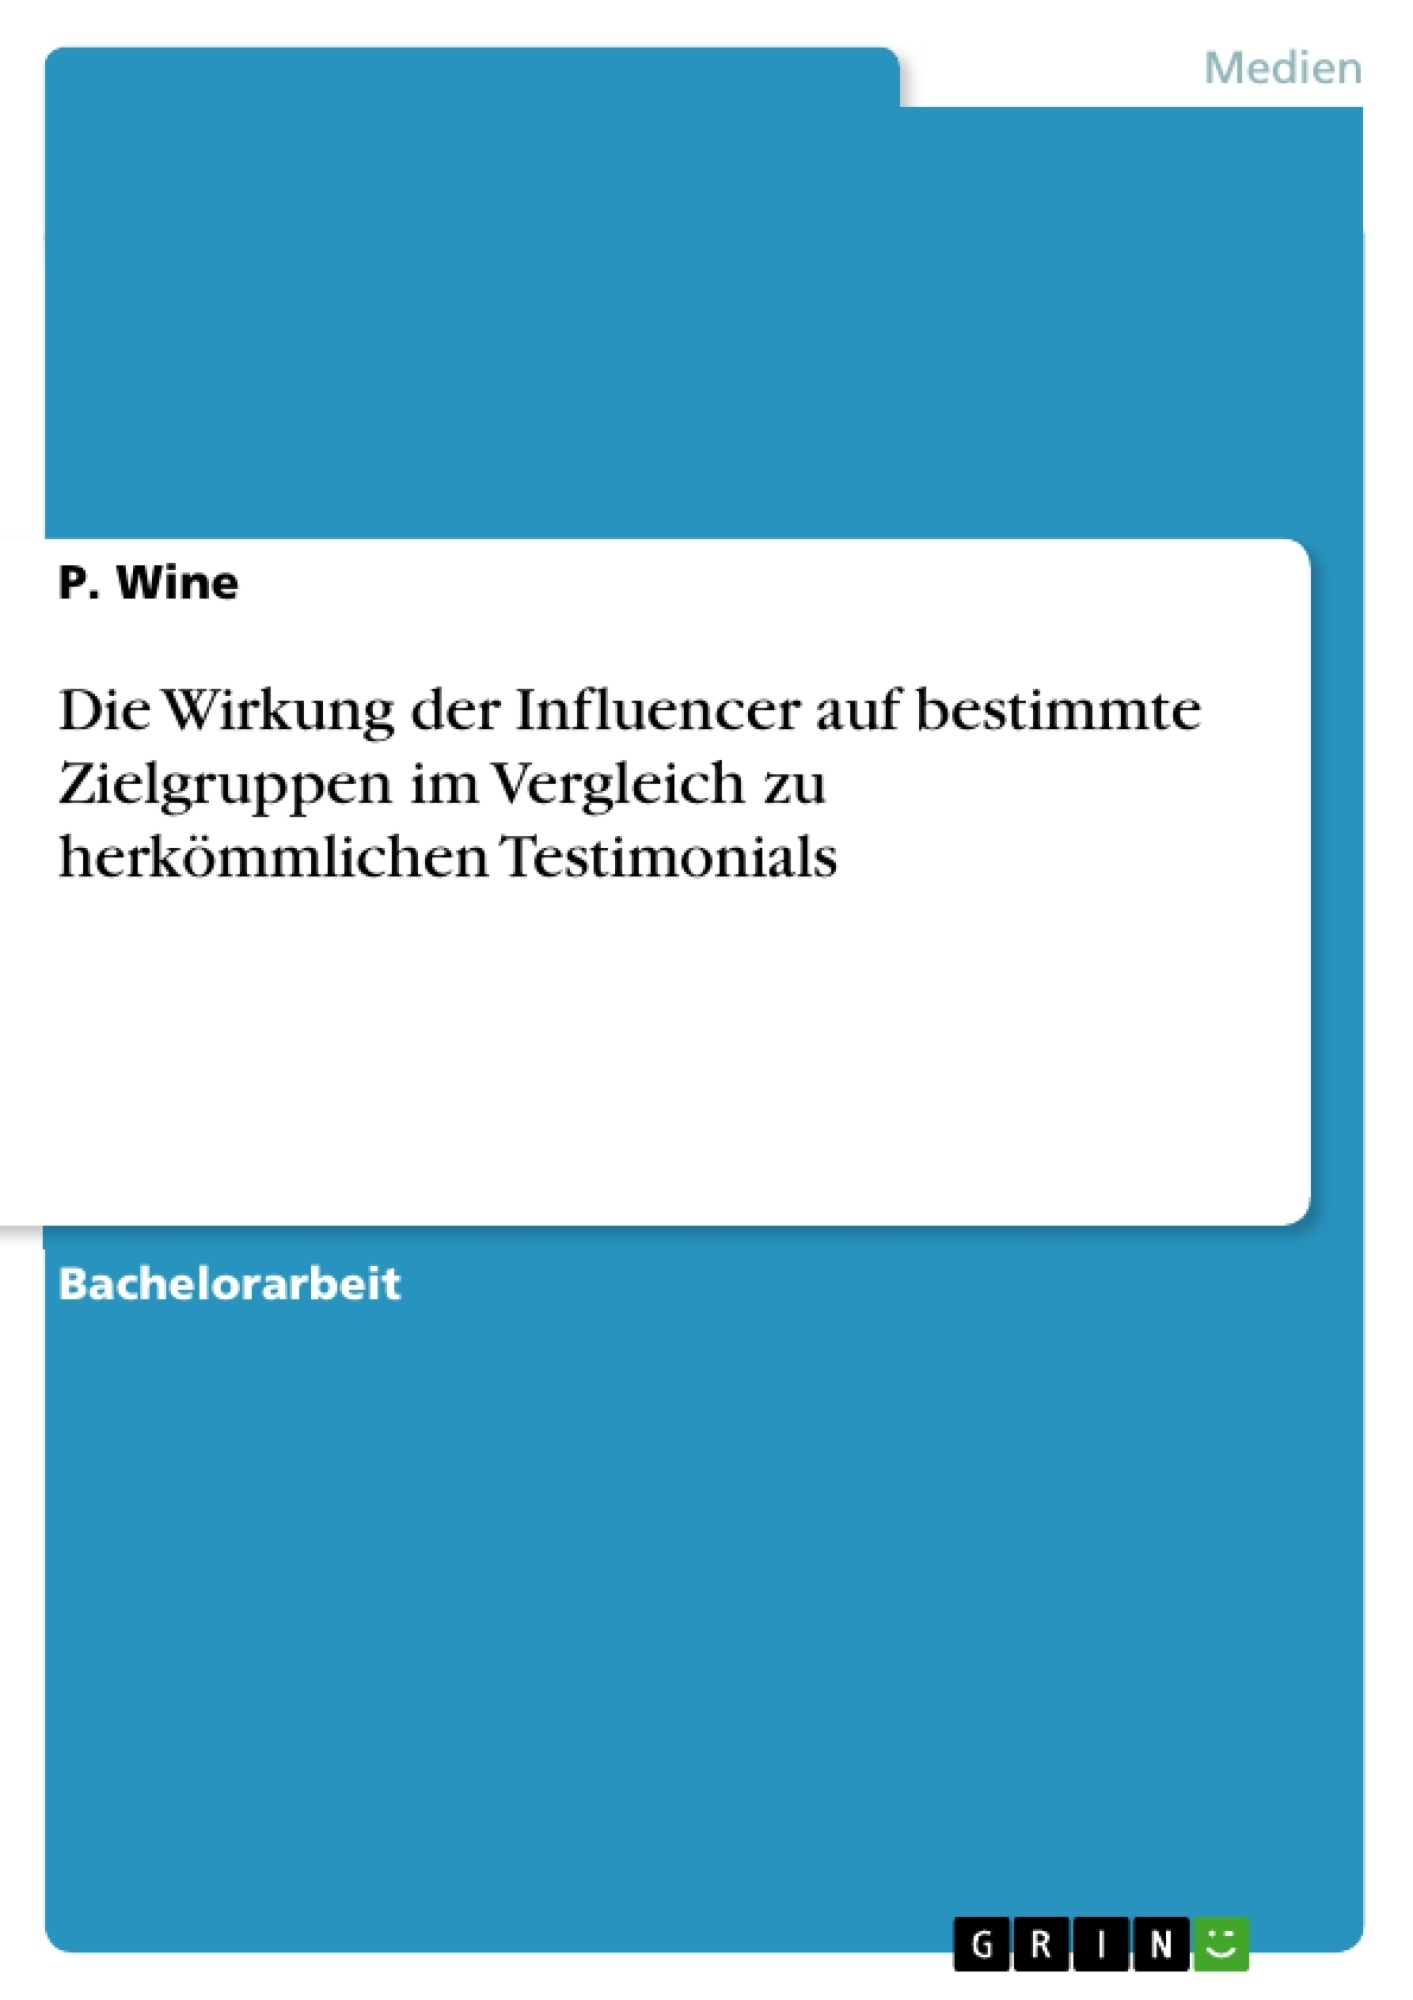 Titel: Die Wirkung der Influencer auf bestimmte Zielgruppen im Vergleich zu herkömmlichen Testimonials